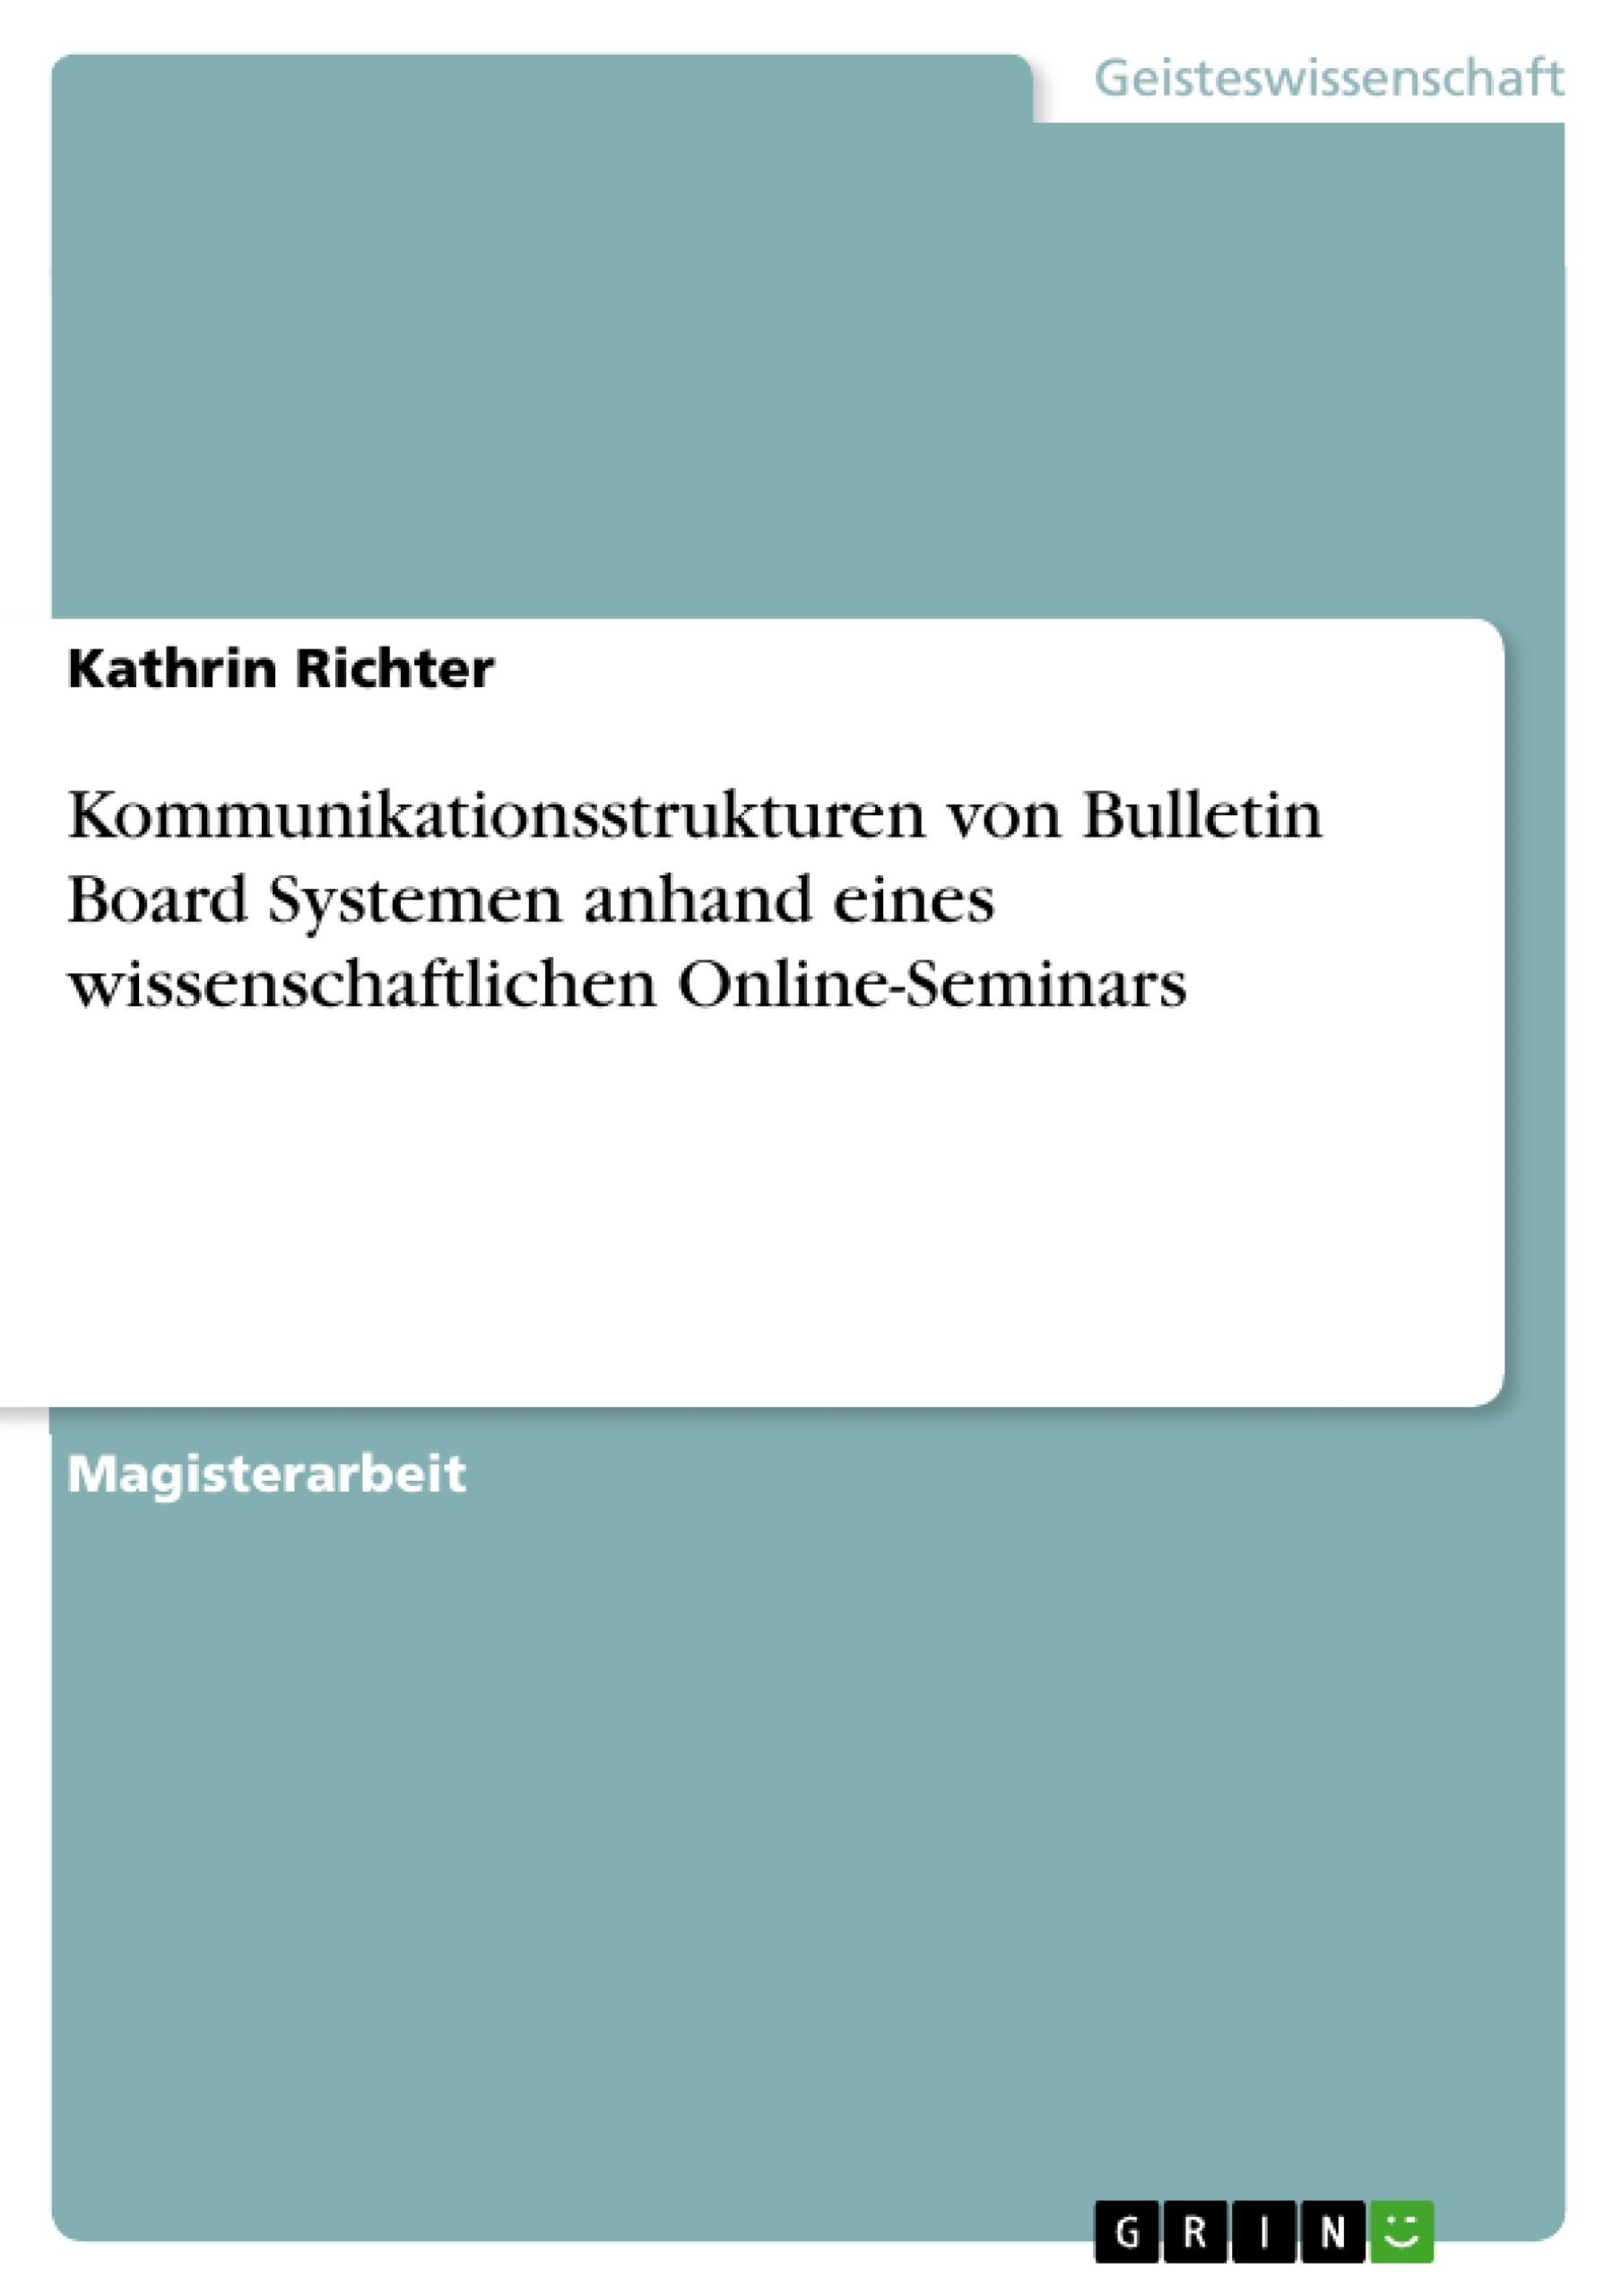 Titel: Kommunikationsstrukturen von Bulletin Board Systemen anhand eines wissenschaftlichen Online-Seminars